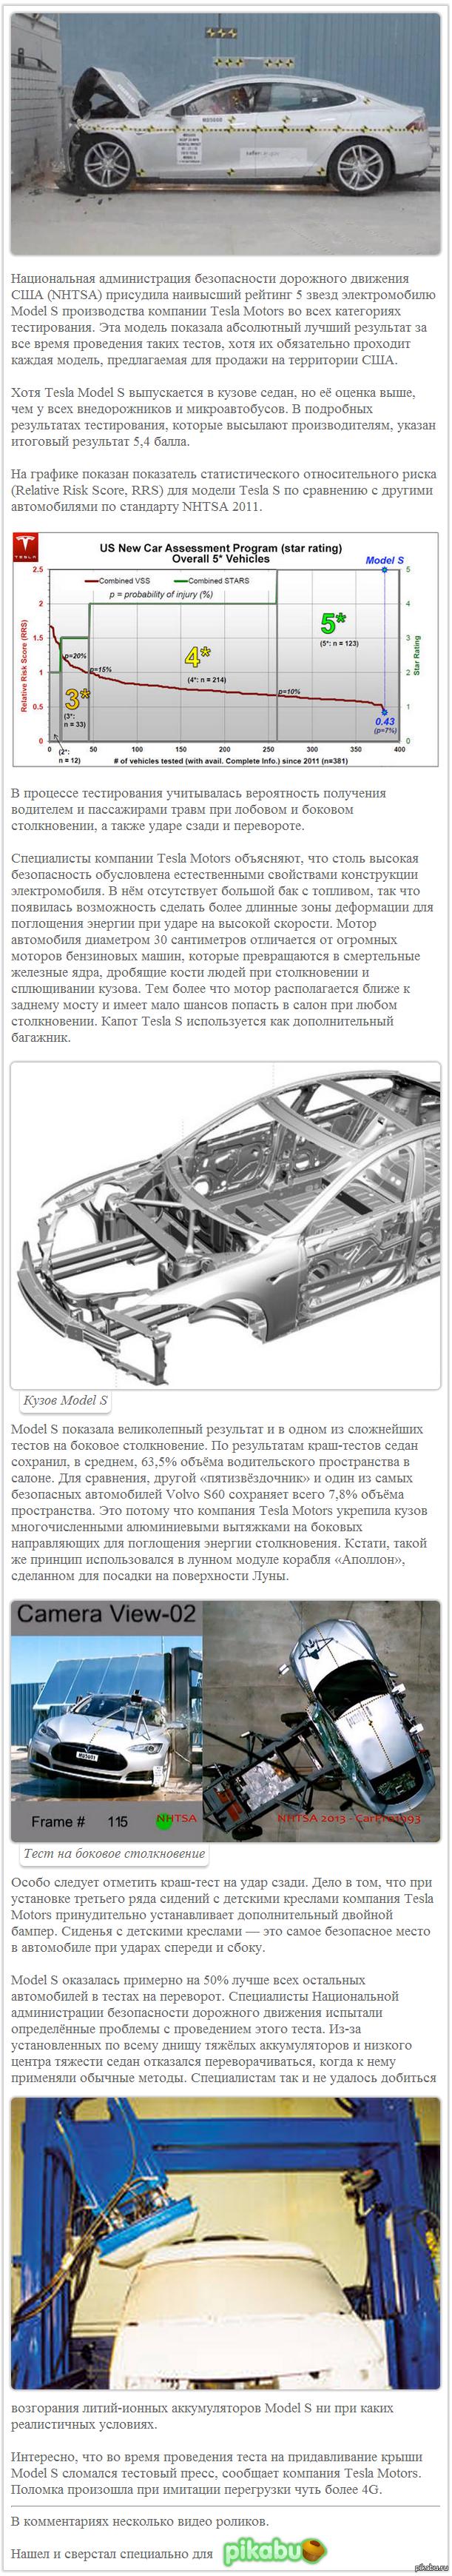 Электромобиль Tesla S сломал оборудование для проведения краш-тестов (с хабра. Несколько видео в комментах)